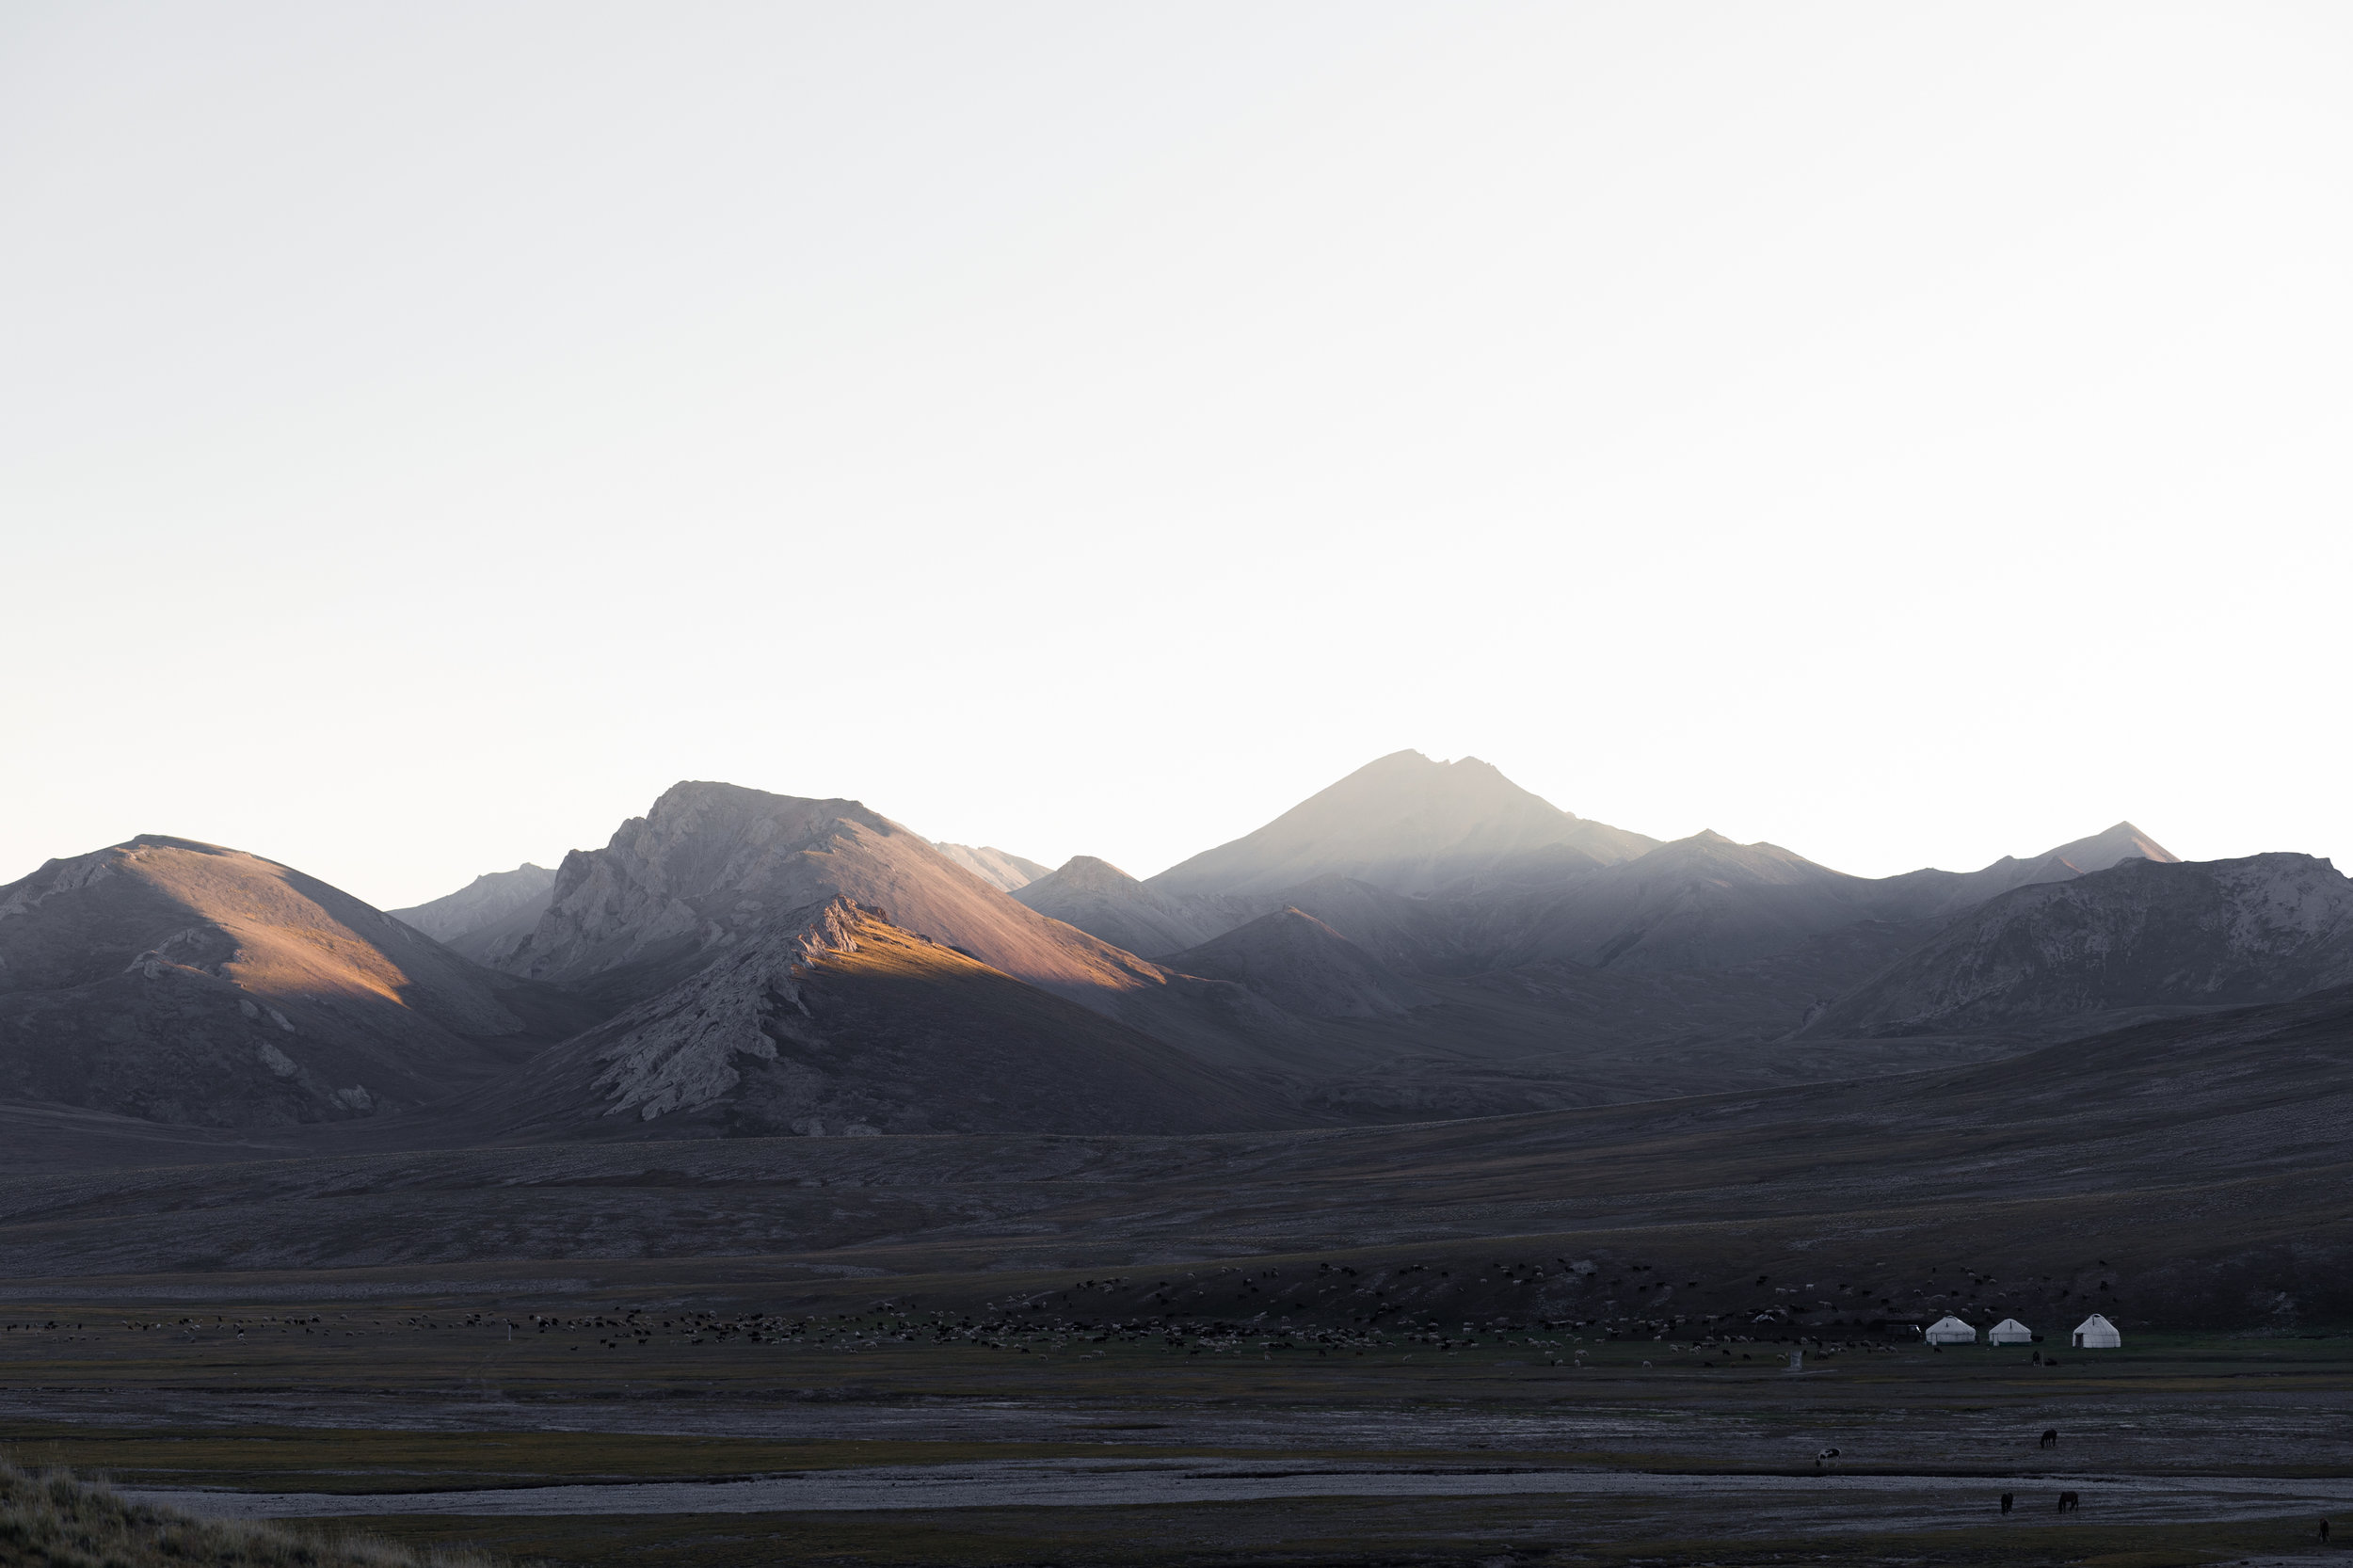 Chatyr Kul, Kyrgyzstan